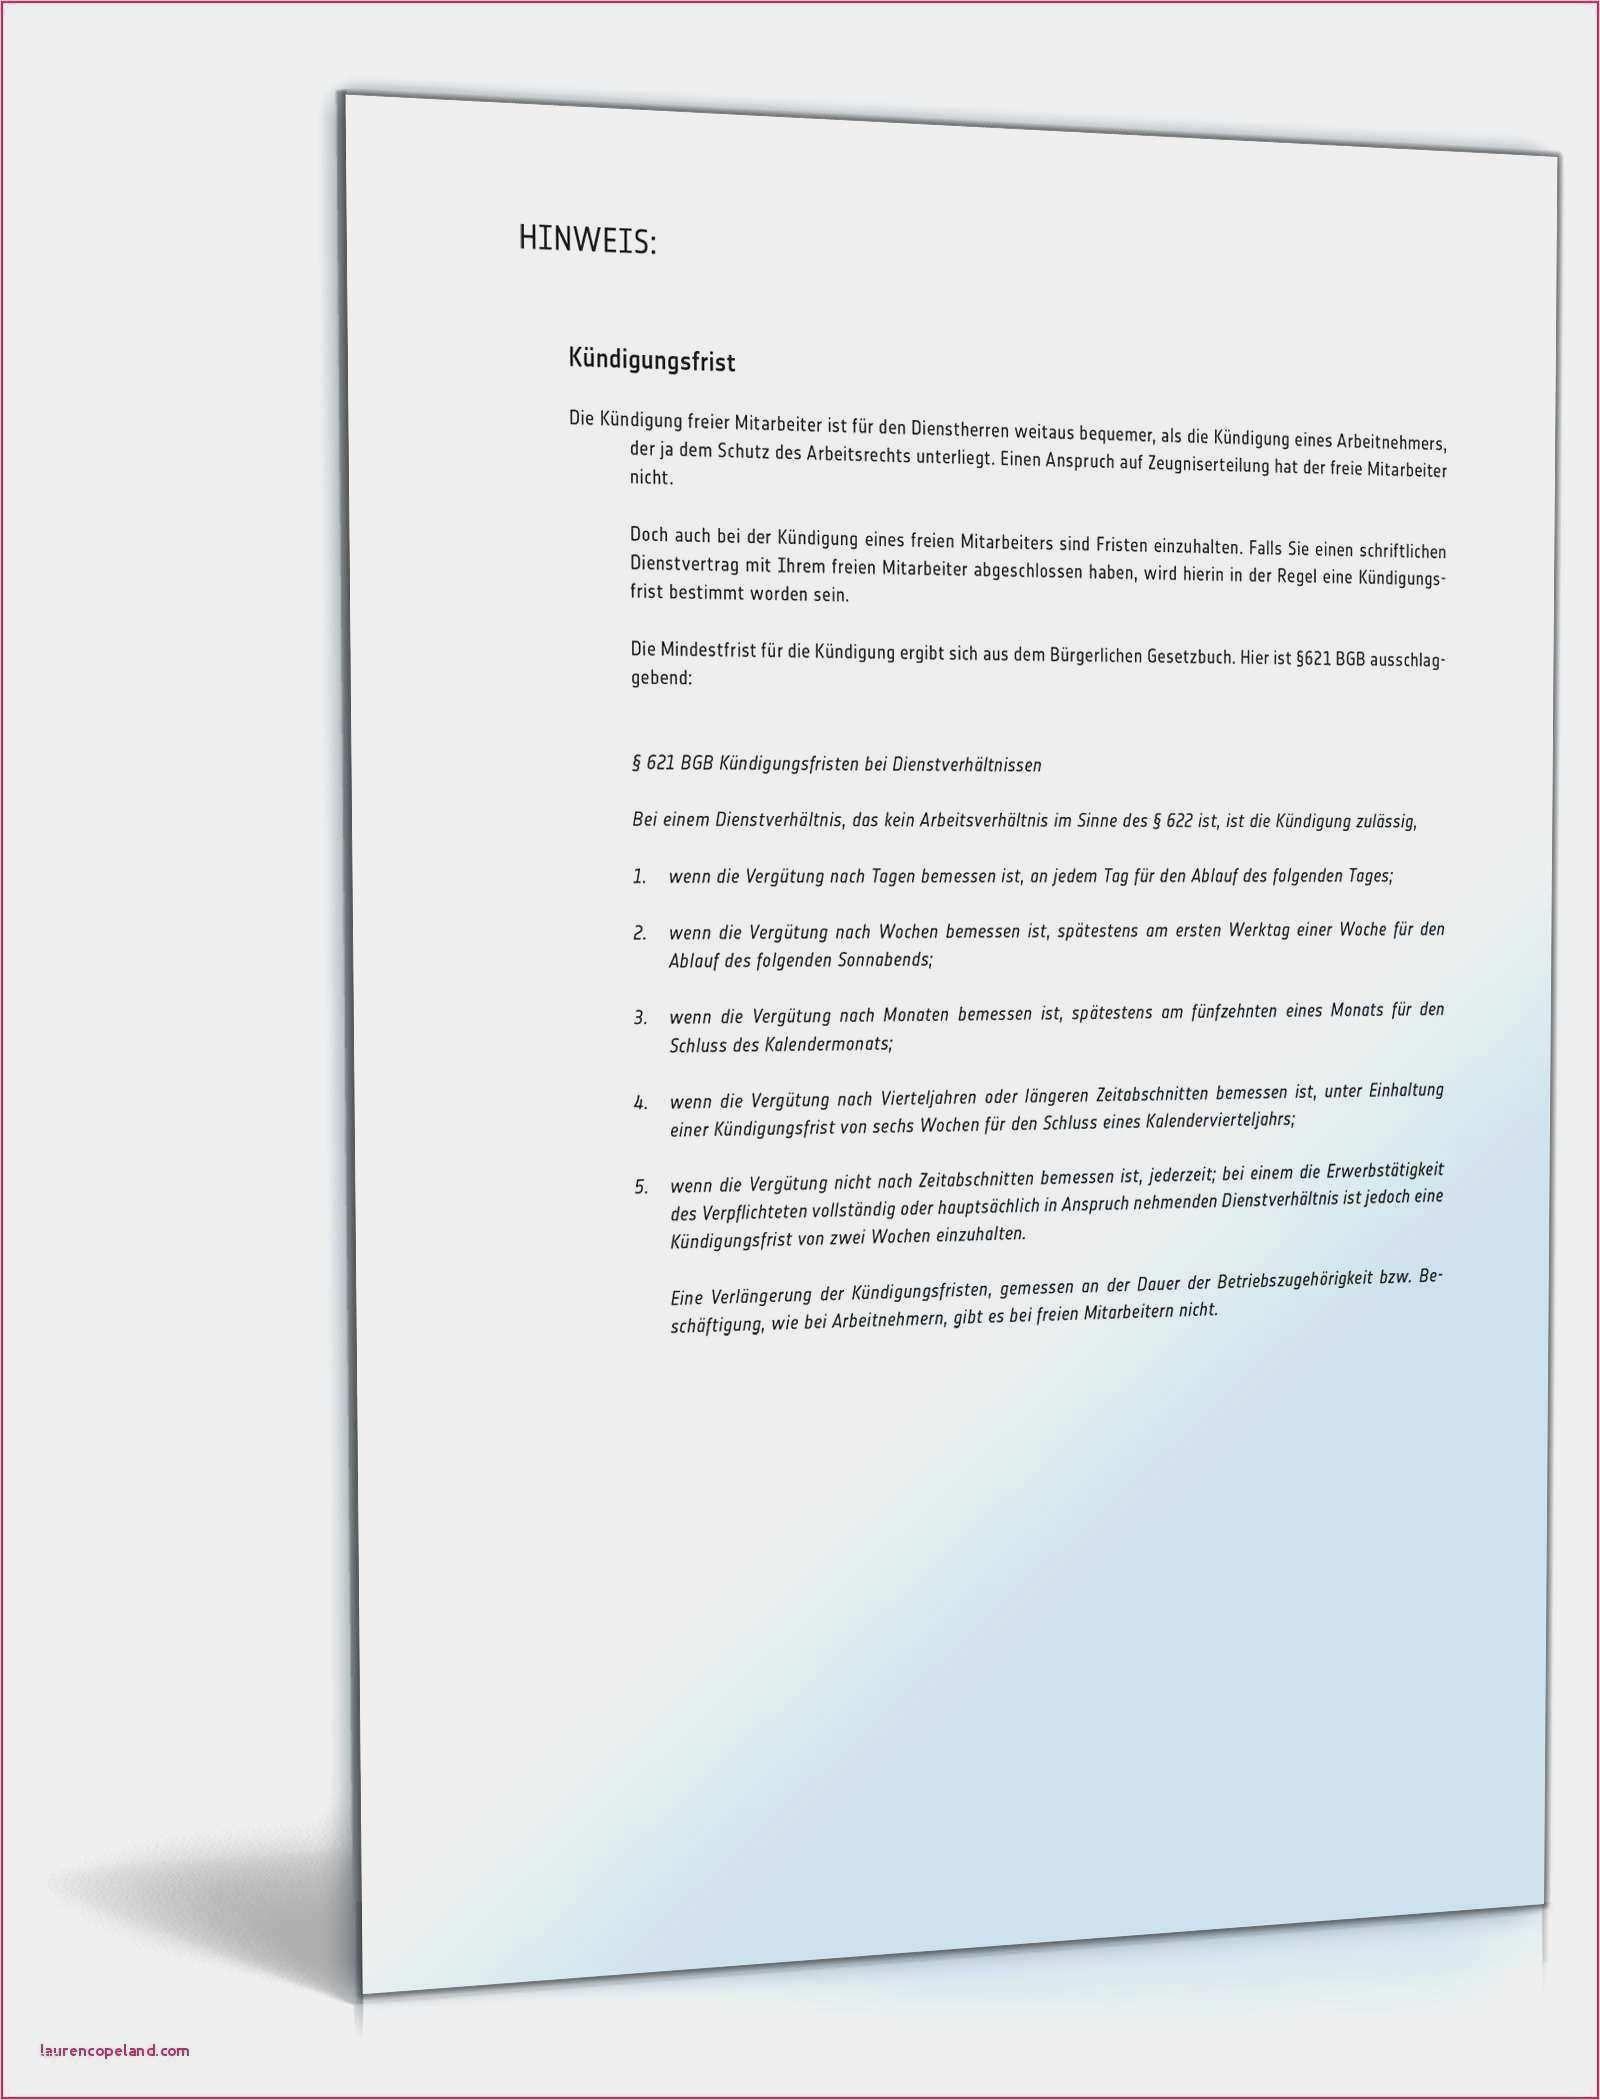 38 Luxus Jahresabschluss Verein Vorlage Bilder In 2020 Jahresabschluss Briefvorlagen Anschreiben Vorlage